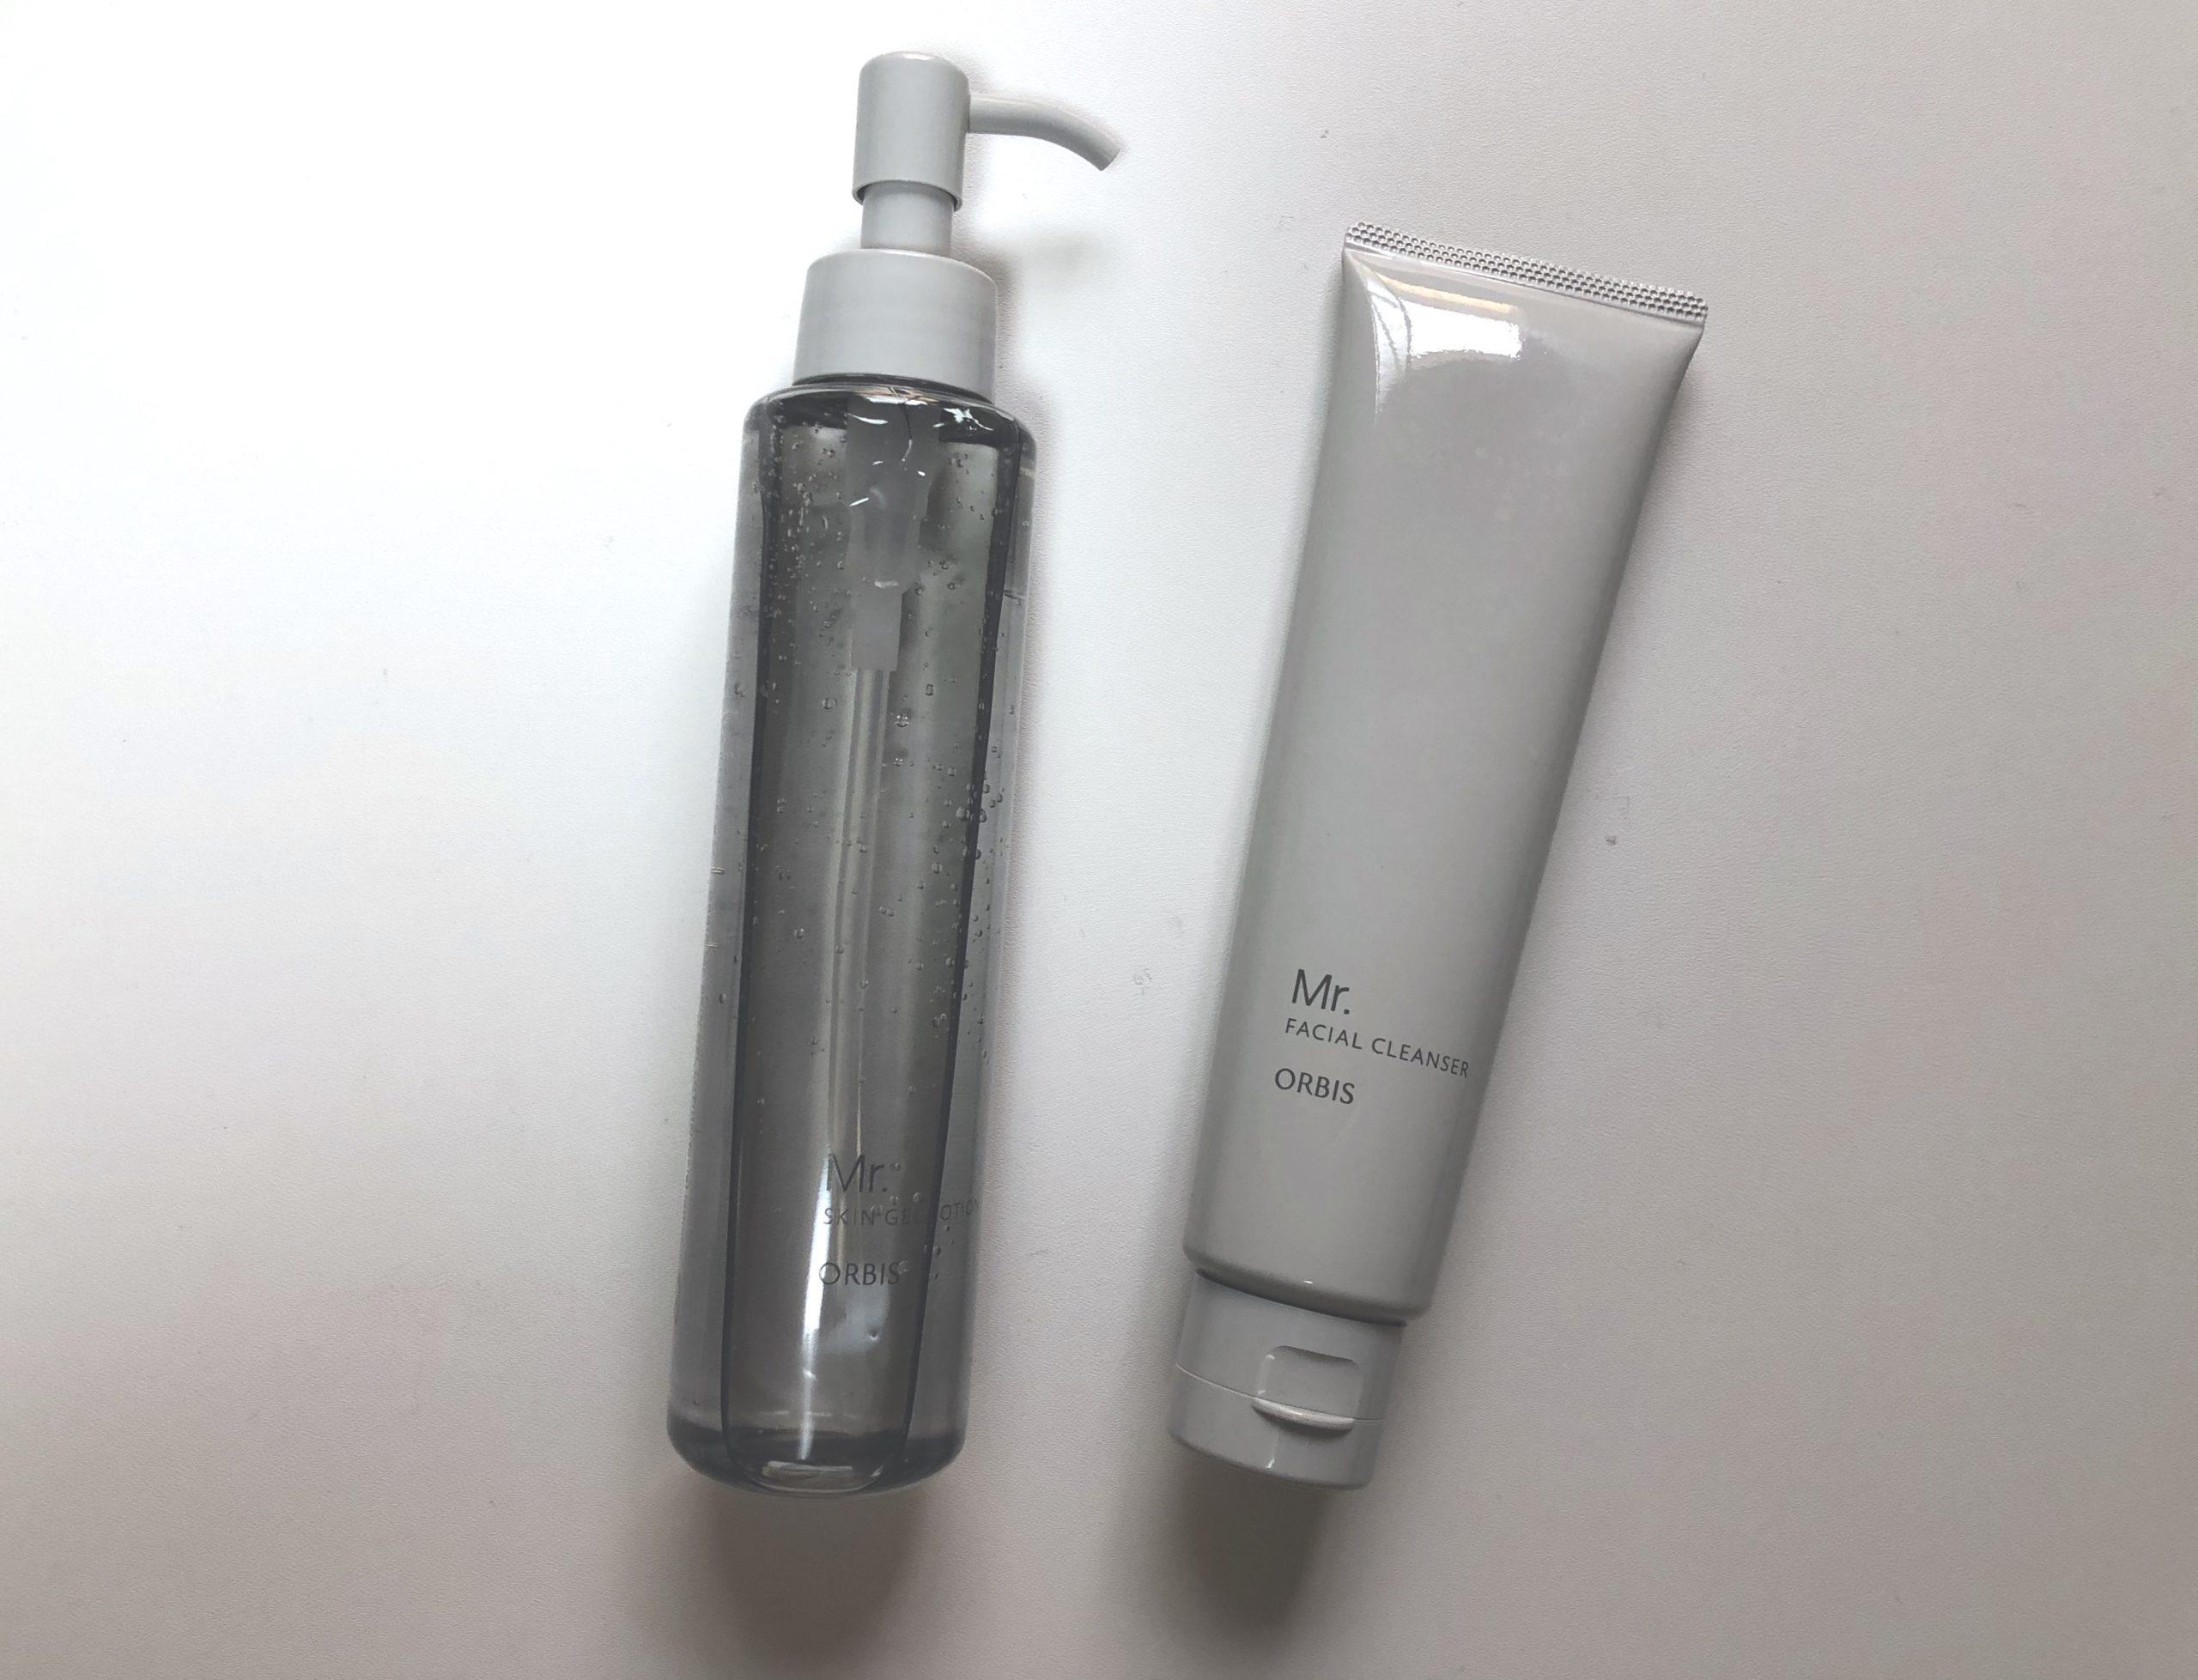 オルビスミスターの洗顔とオールインワン化粧水